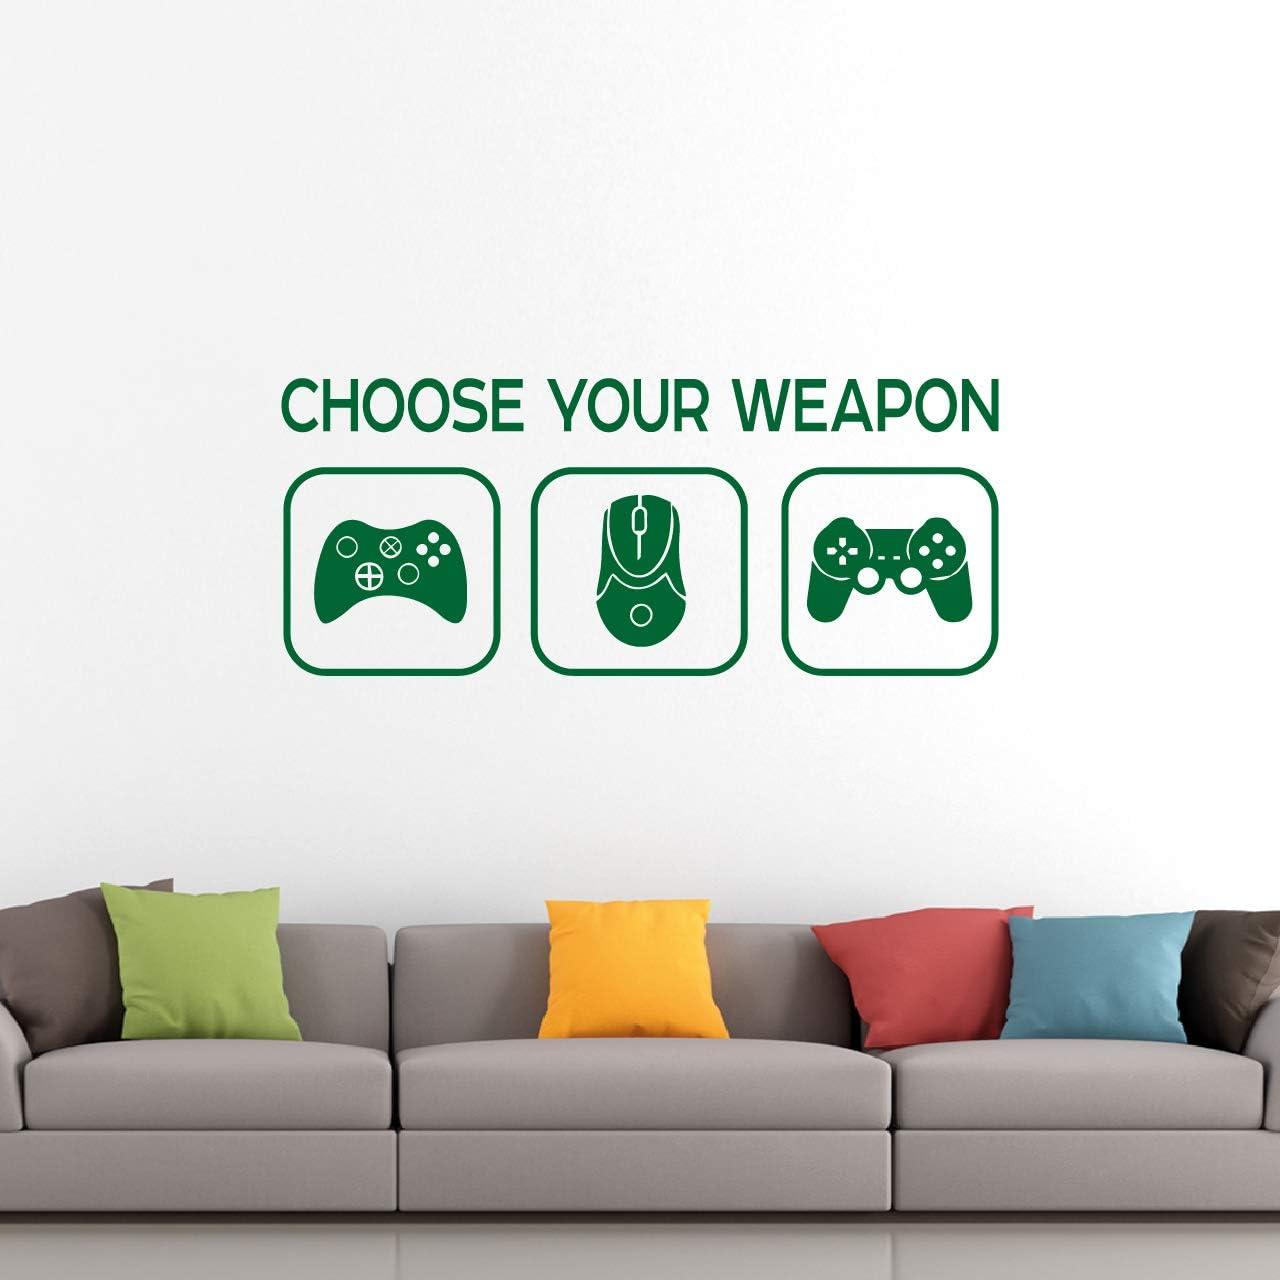 Choose Your Weapon Sticker - elige tu arma juego vinilo calcomanía mural - niños adolescente dormitorio, de arte lienzo decoración para el hogar pc, xbox, controladores de juegos playstation (verde): Amazon.es: Bricolaje